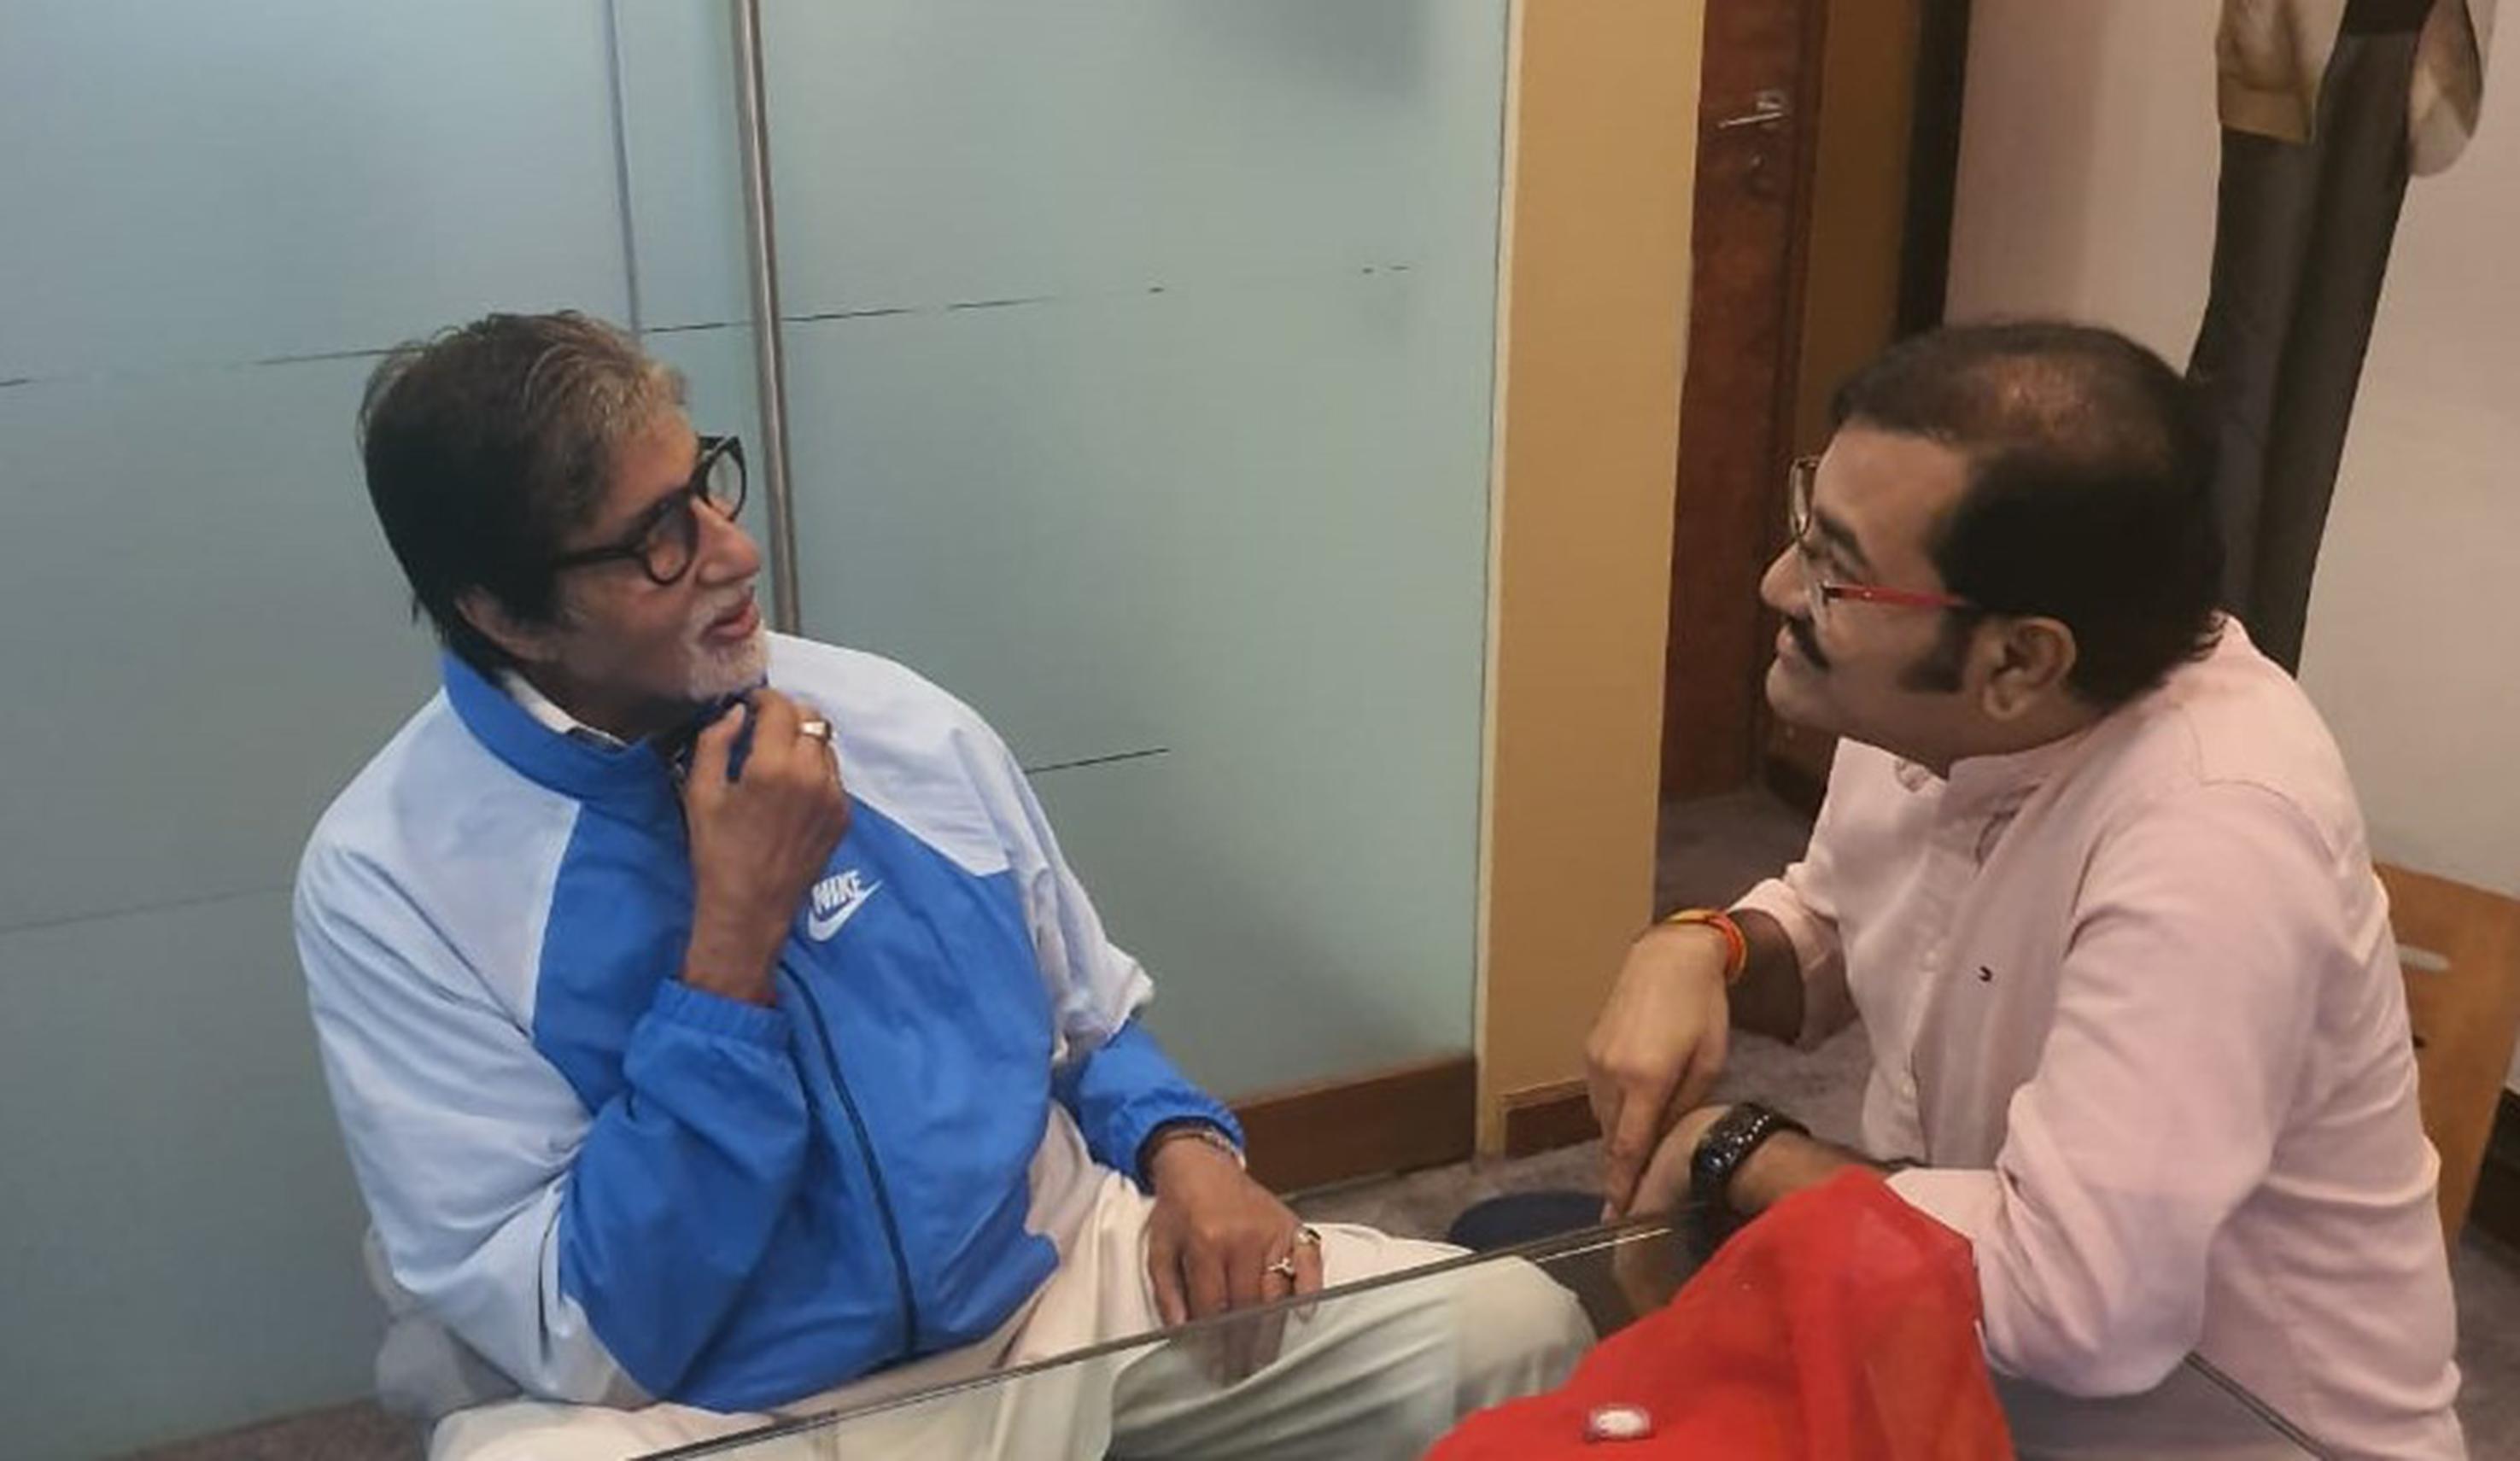 गायक सुदेश भोसले आणि महानायक अमिताभ बच्चन यांची खास भेट, सुवर्ण काळाला दिला उजाळा